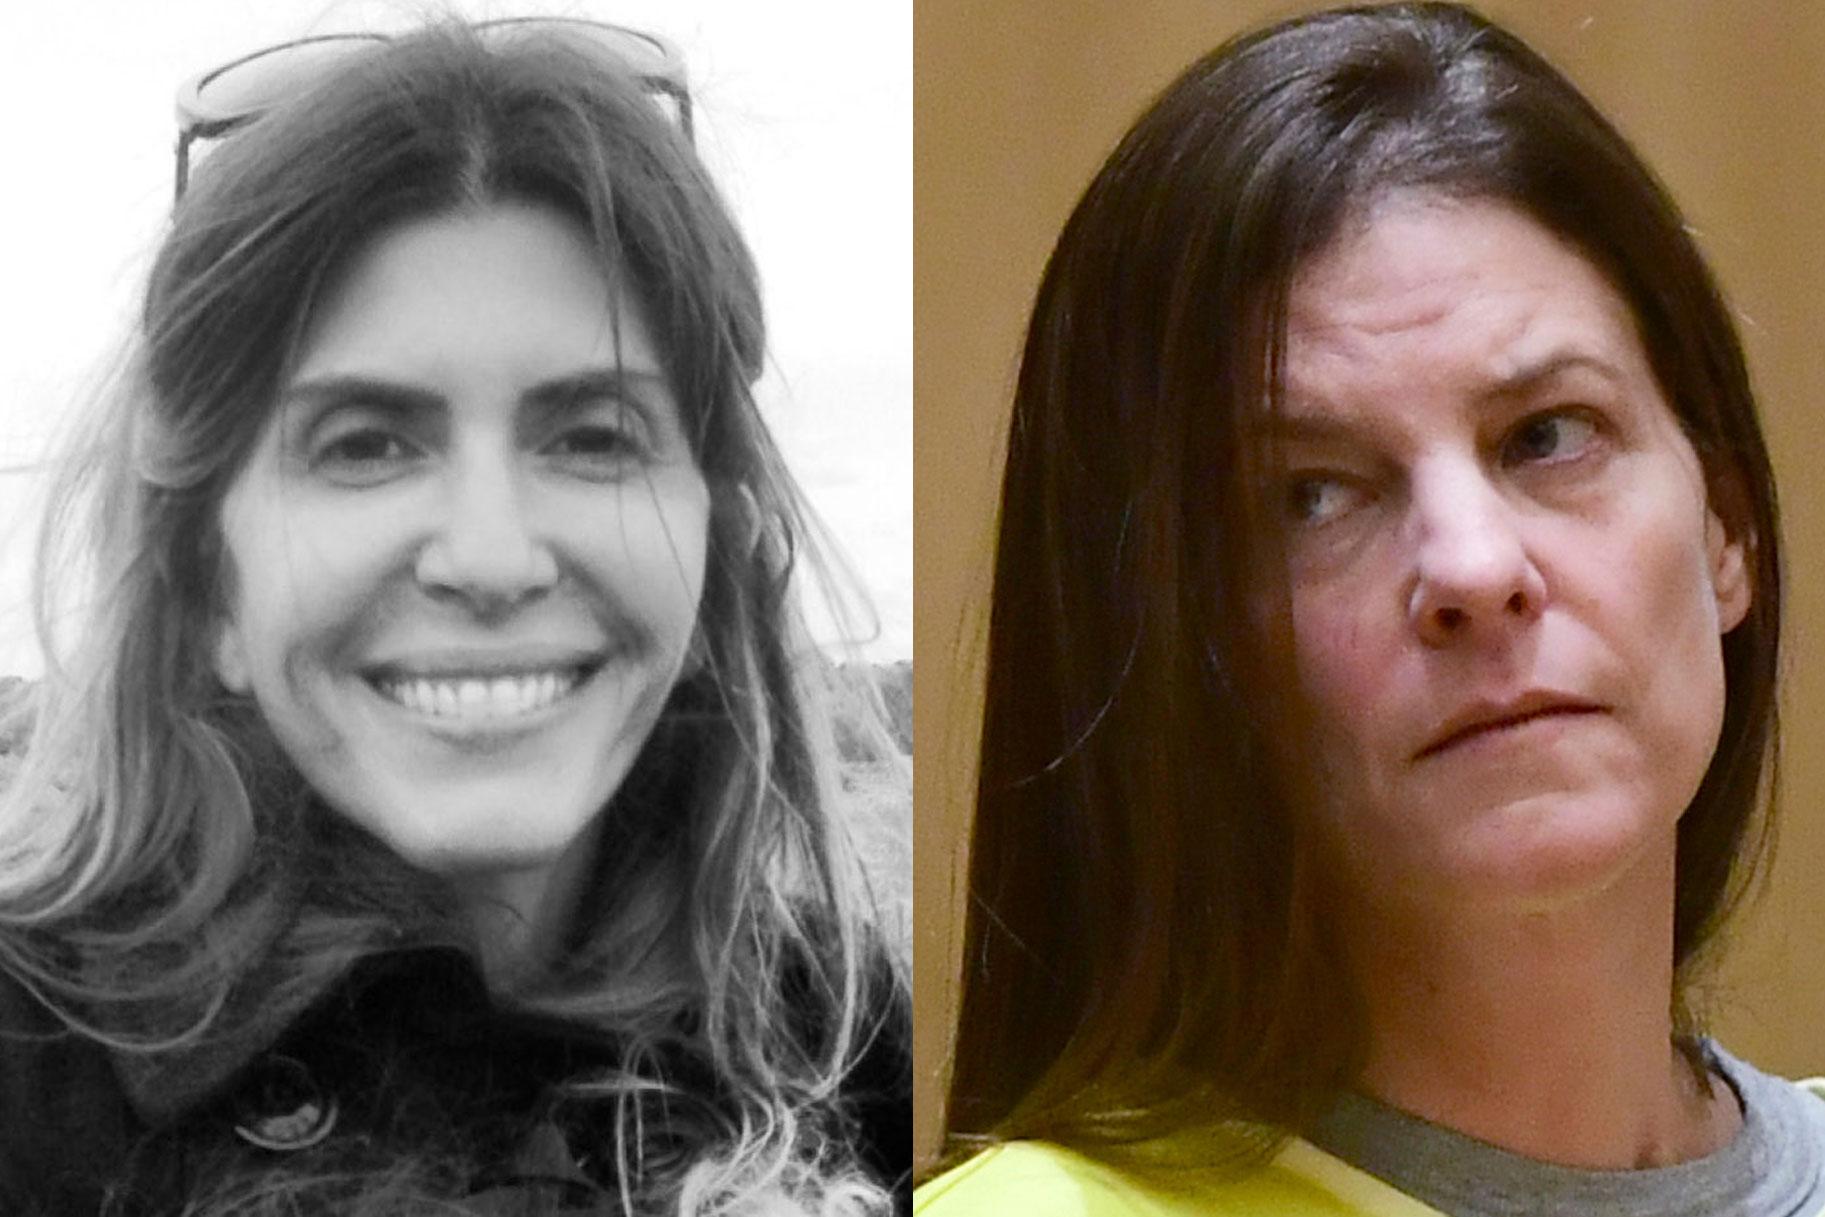 'Mi hermana es inocente': la familia de Michelle Troconis habla en el caso de Jennifer Dulos